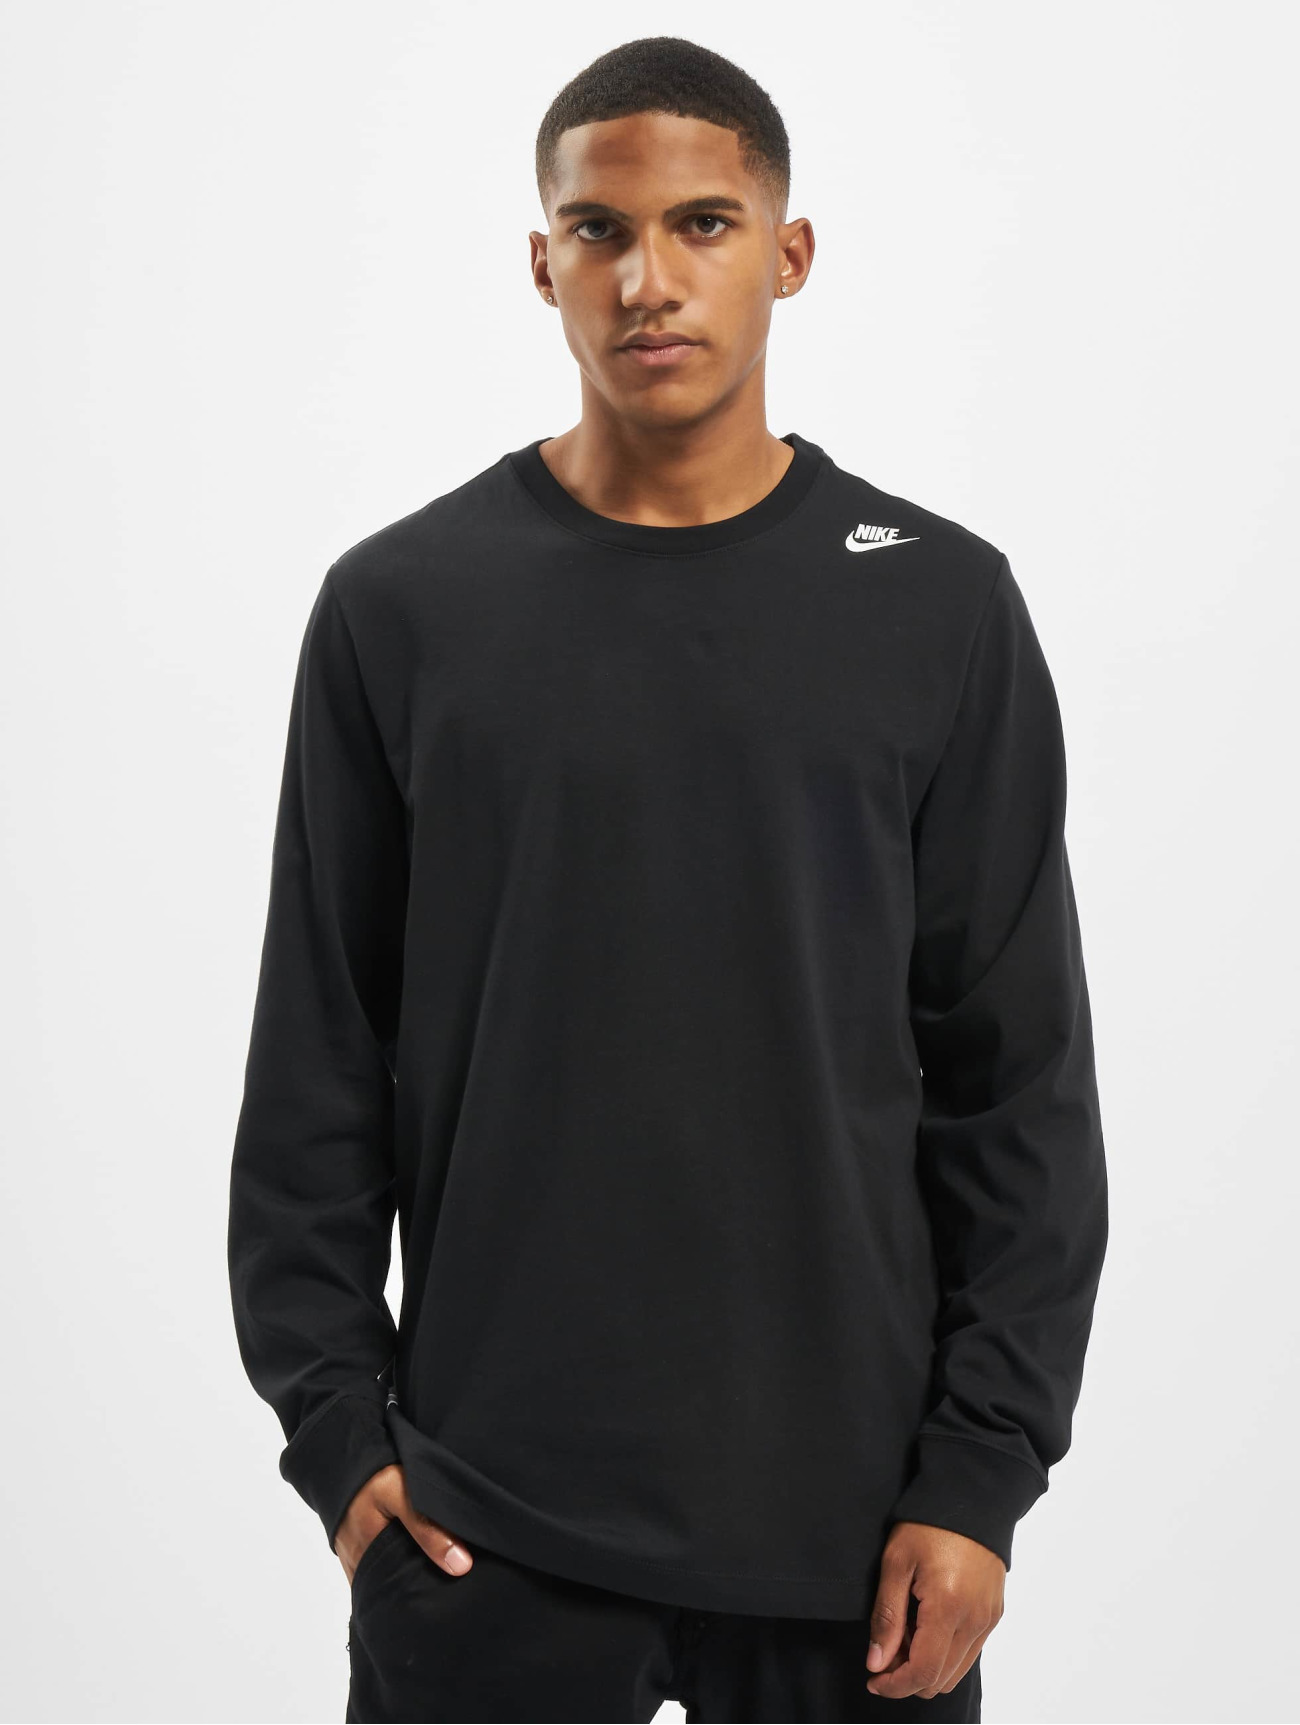 Nike | Sportswear  noir Homme T-Shirt manches longues  764912| Homme Hauts